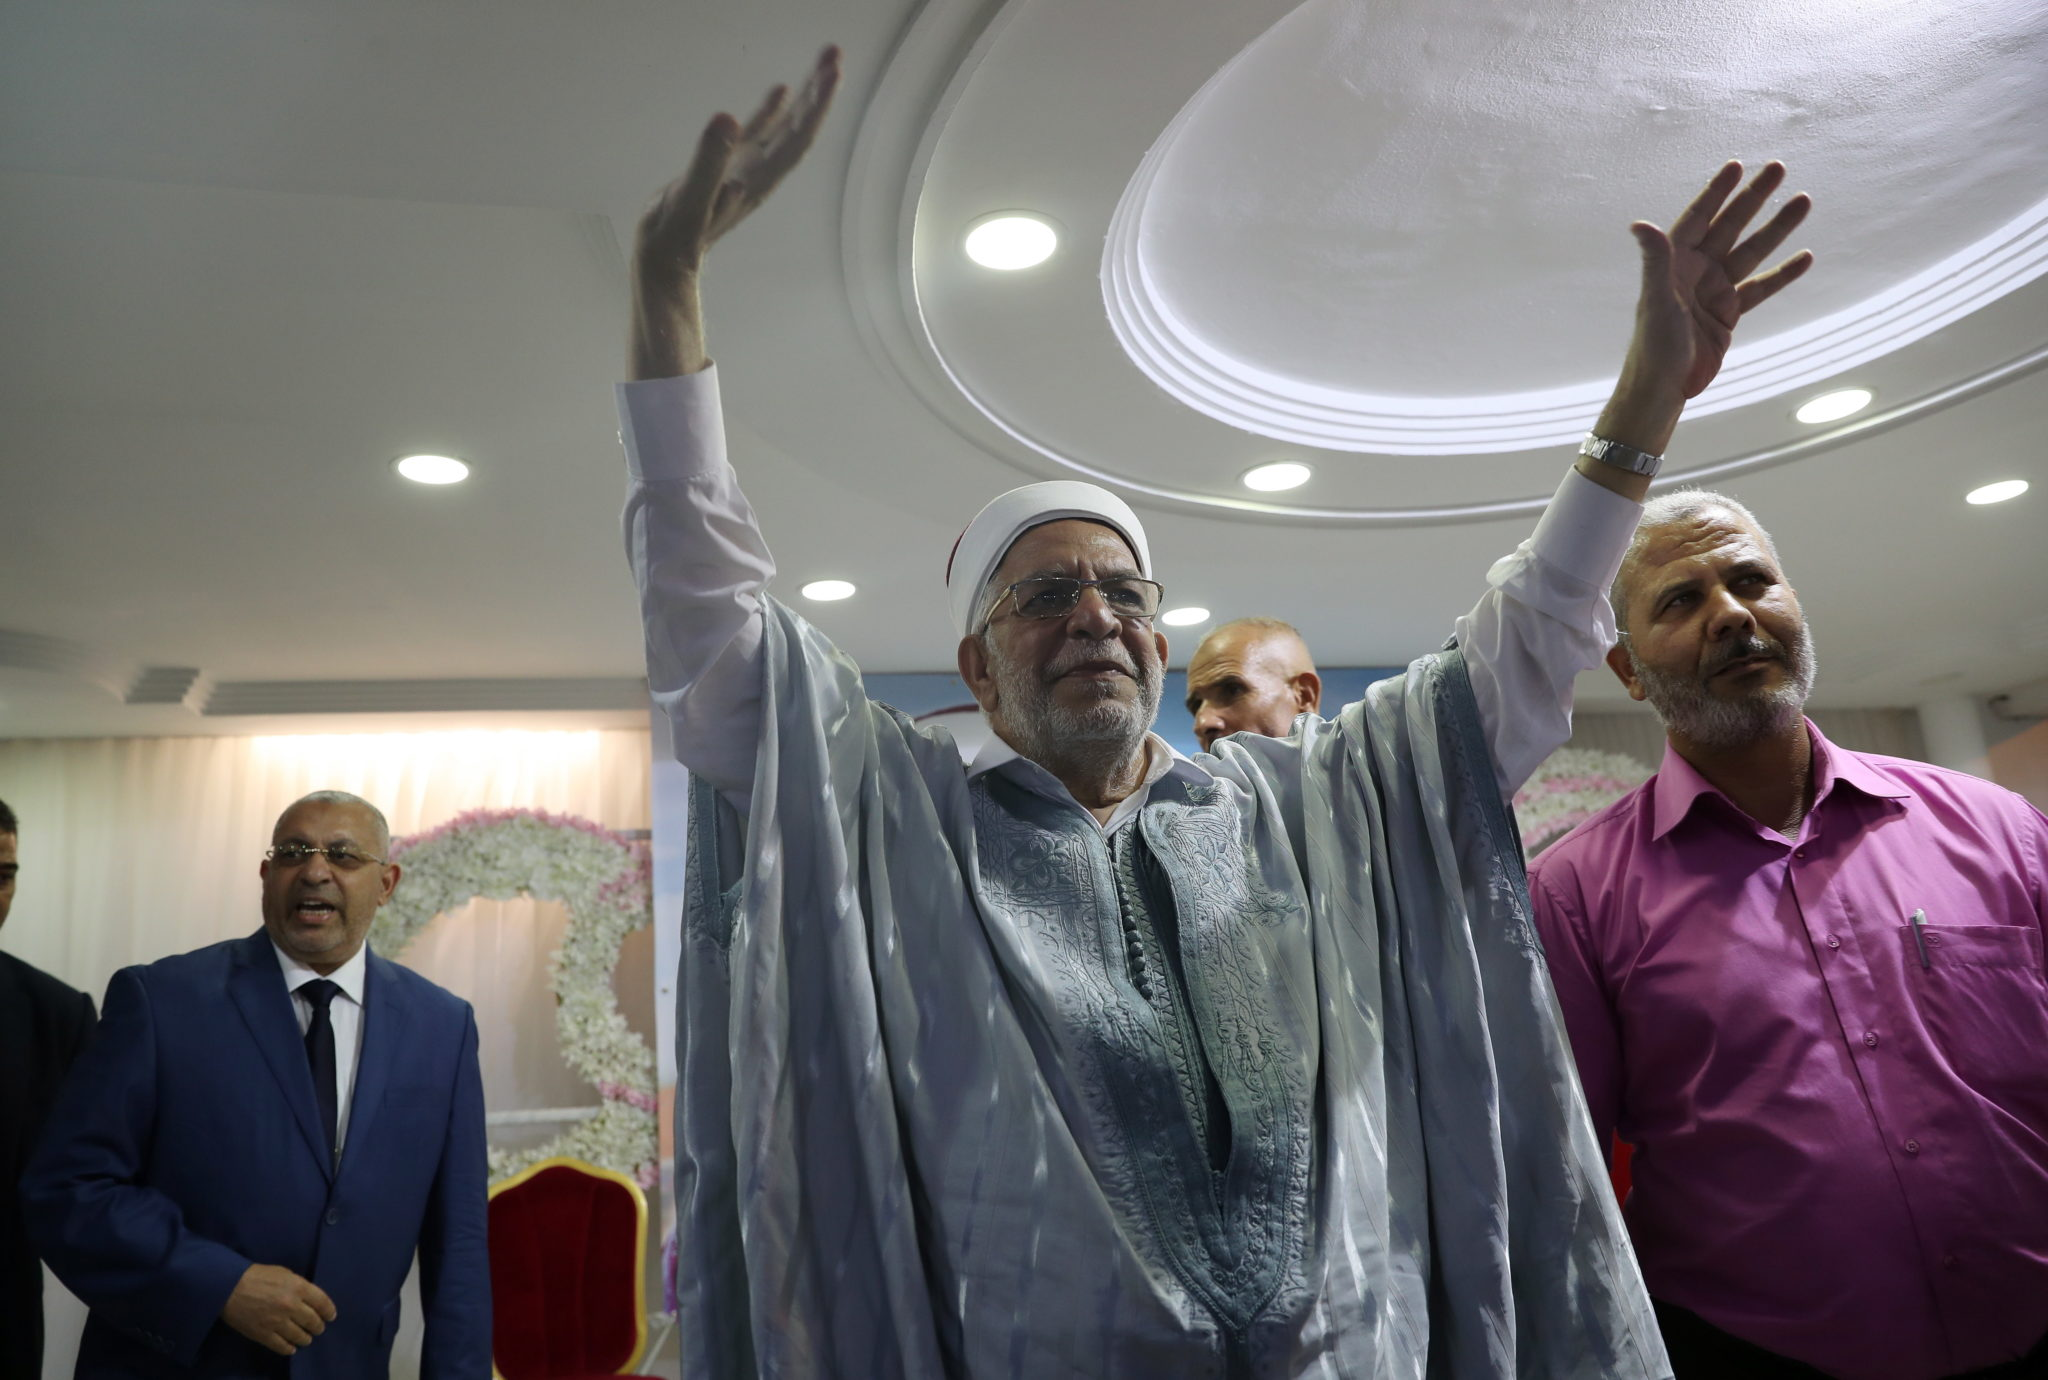 Abdelfattah Mourou, wiceszef partii islamistycznej Ennahda i kandydat na prezydenta przemawia podczas kampanii prezydenckiej w Tunezji, fot. MOHAMED MESSARA, PAP/EPA